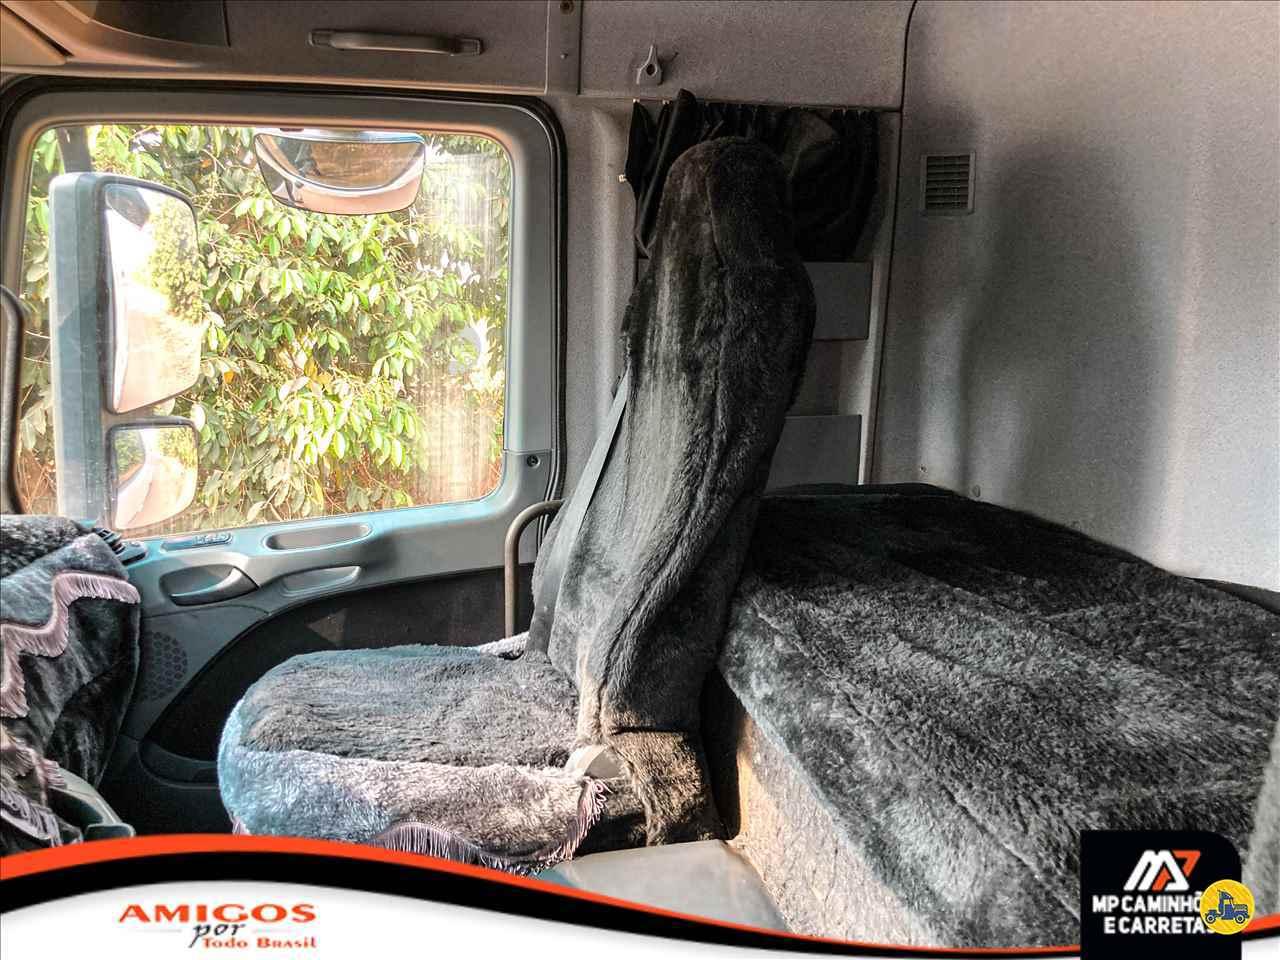 CAMINHAO MERCEDES-BENZ MB 2646 Chassis Traçado 6x4 MP Caminhões e Carretas PATOS DE MINAS MINAS GERAIS MG